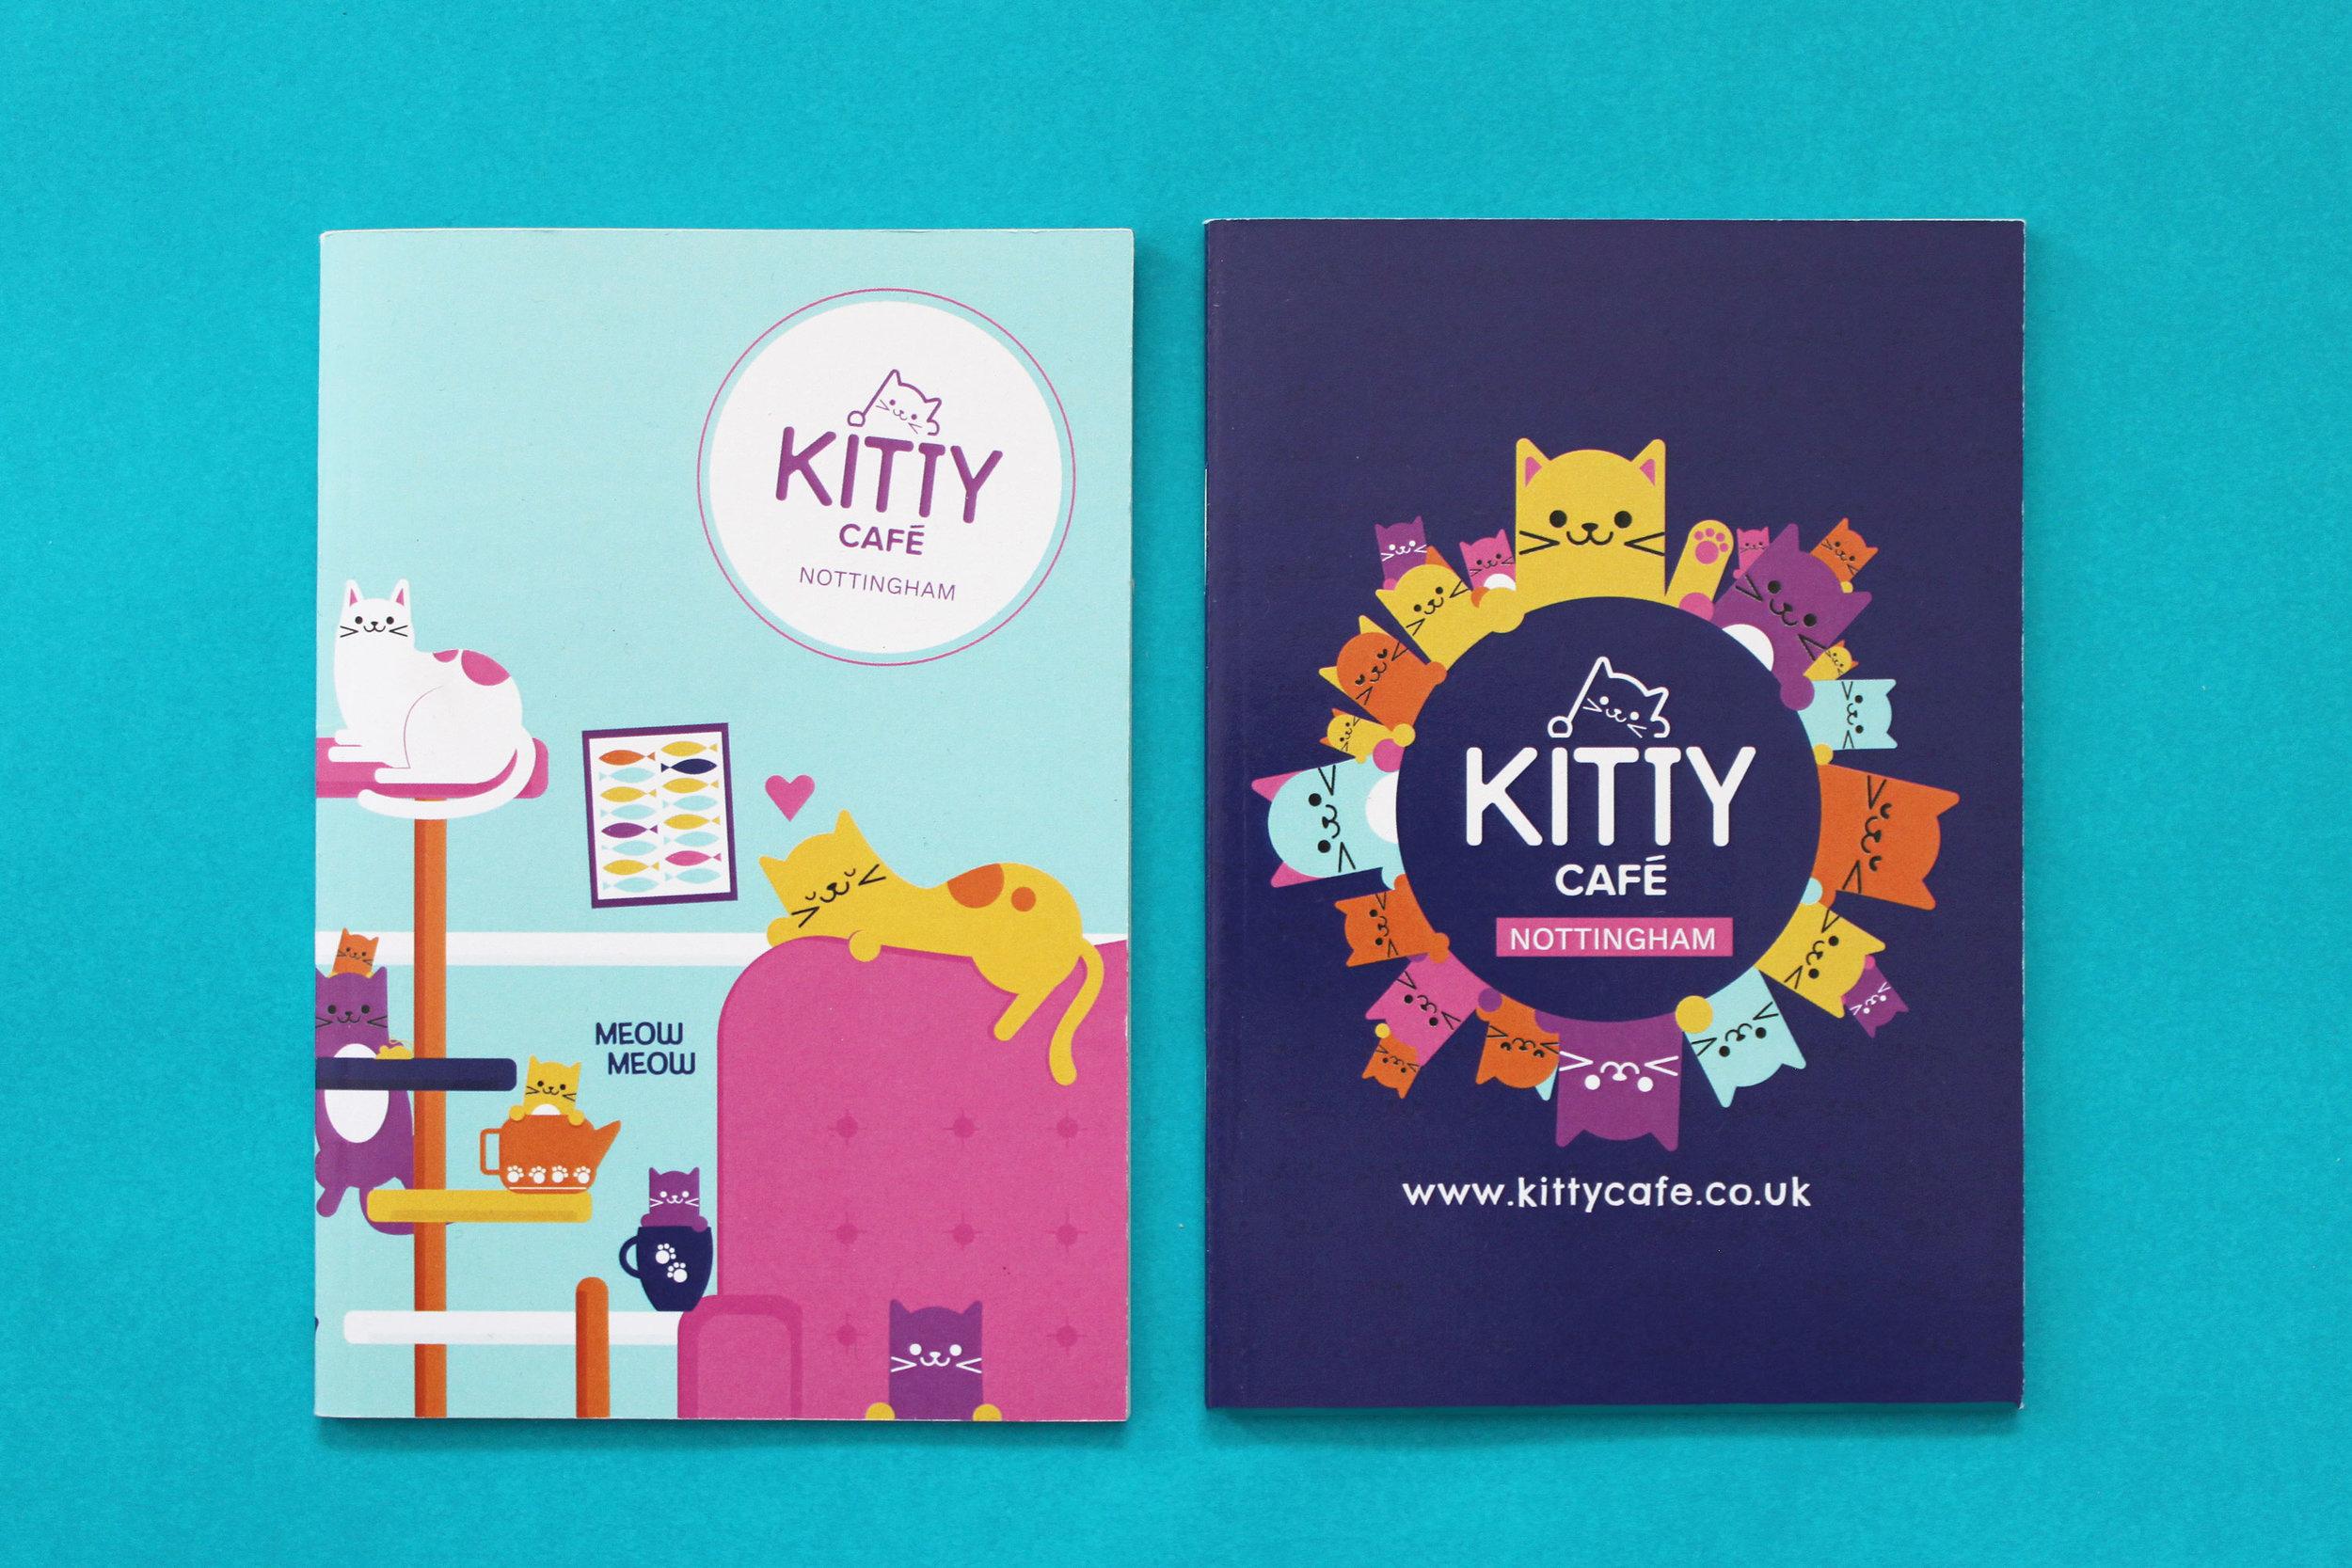 jess-bright-design-kitty-cafe-notebooks.jpg